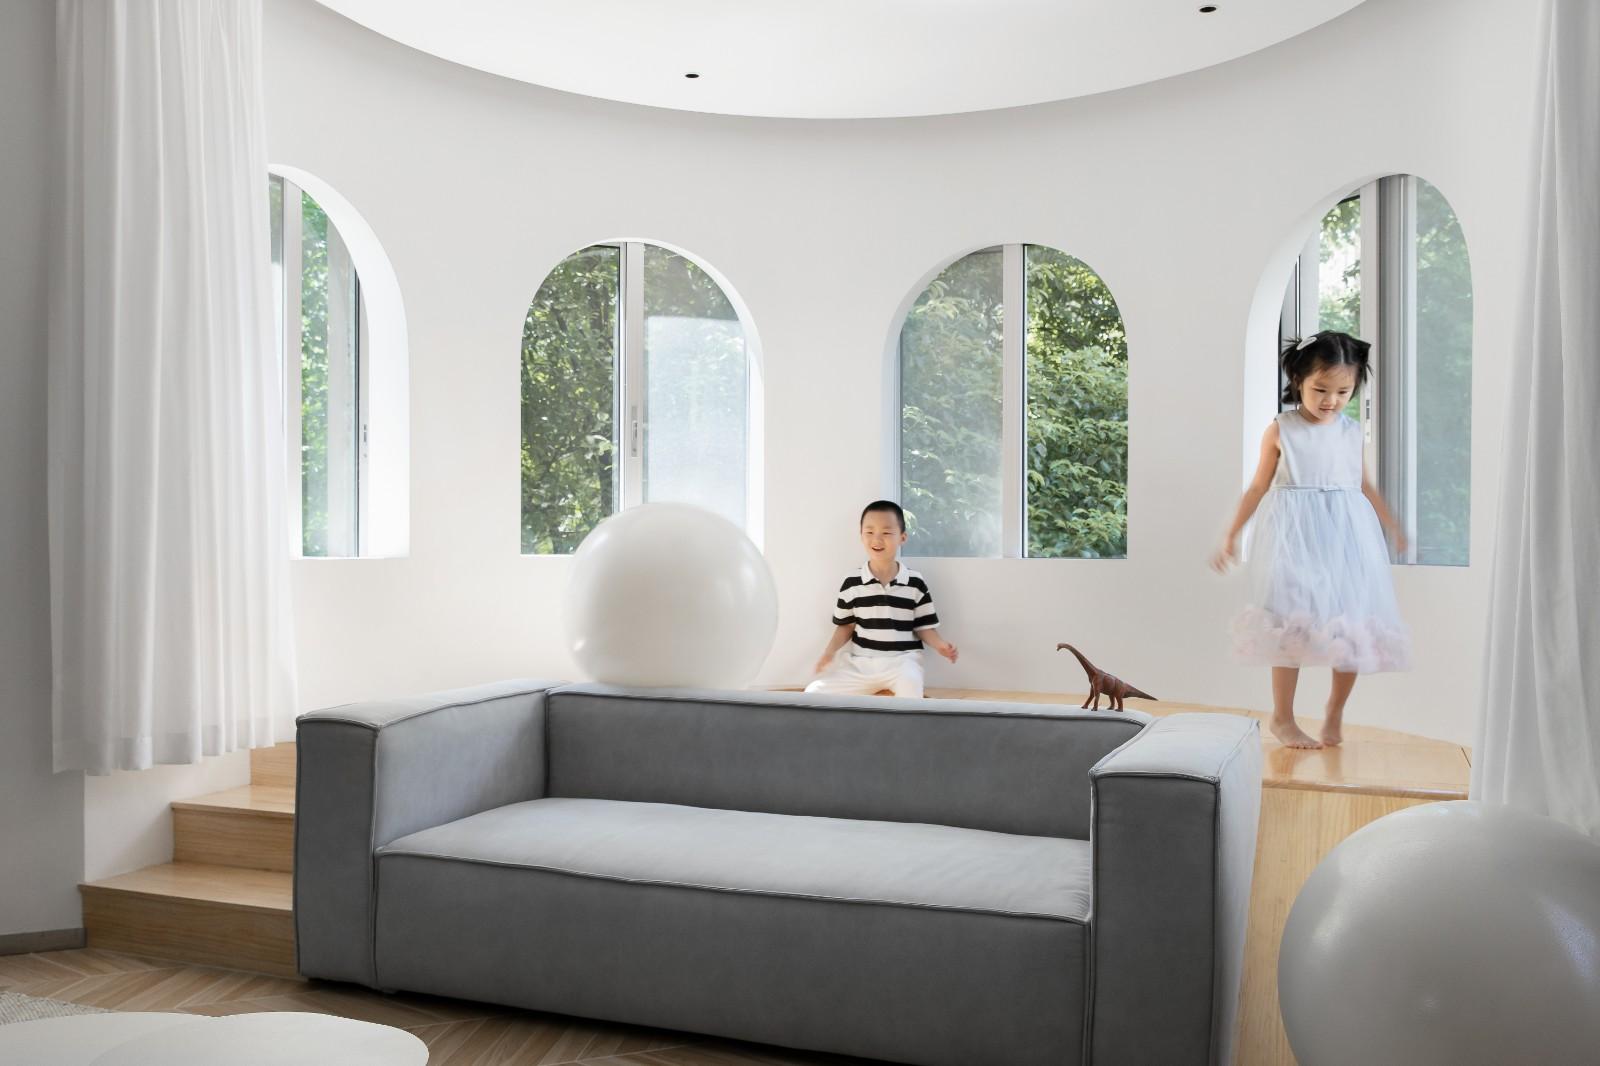 176㎡去客廳極簡設計,榻榻米加上滑滑梯孩子們的自由生長傢插图11